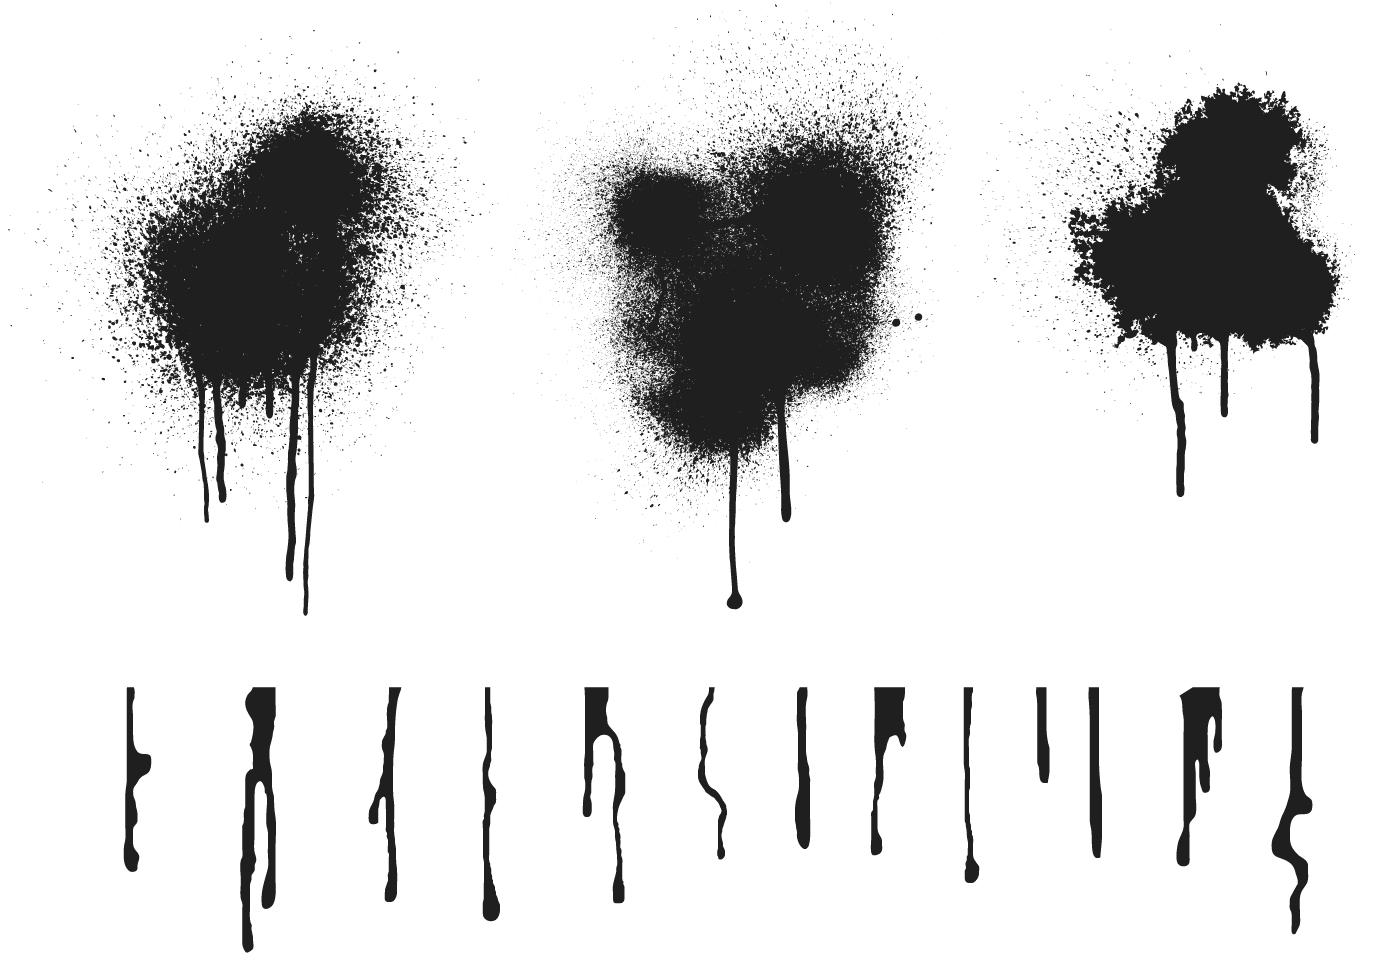 Spray Paint Texture Vector